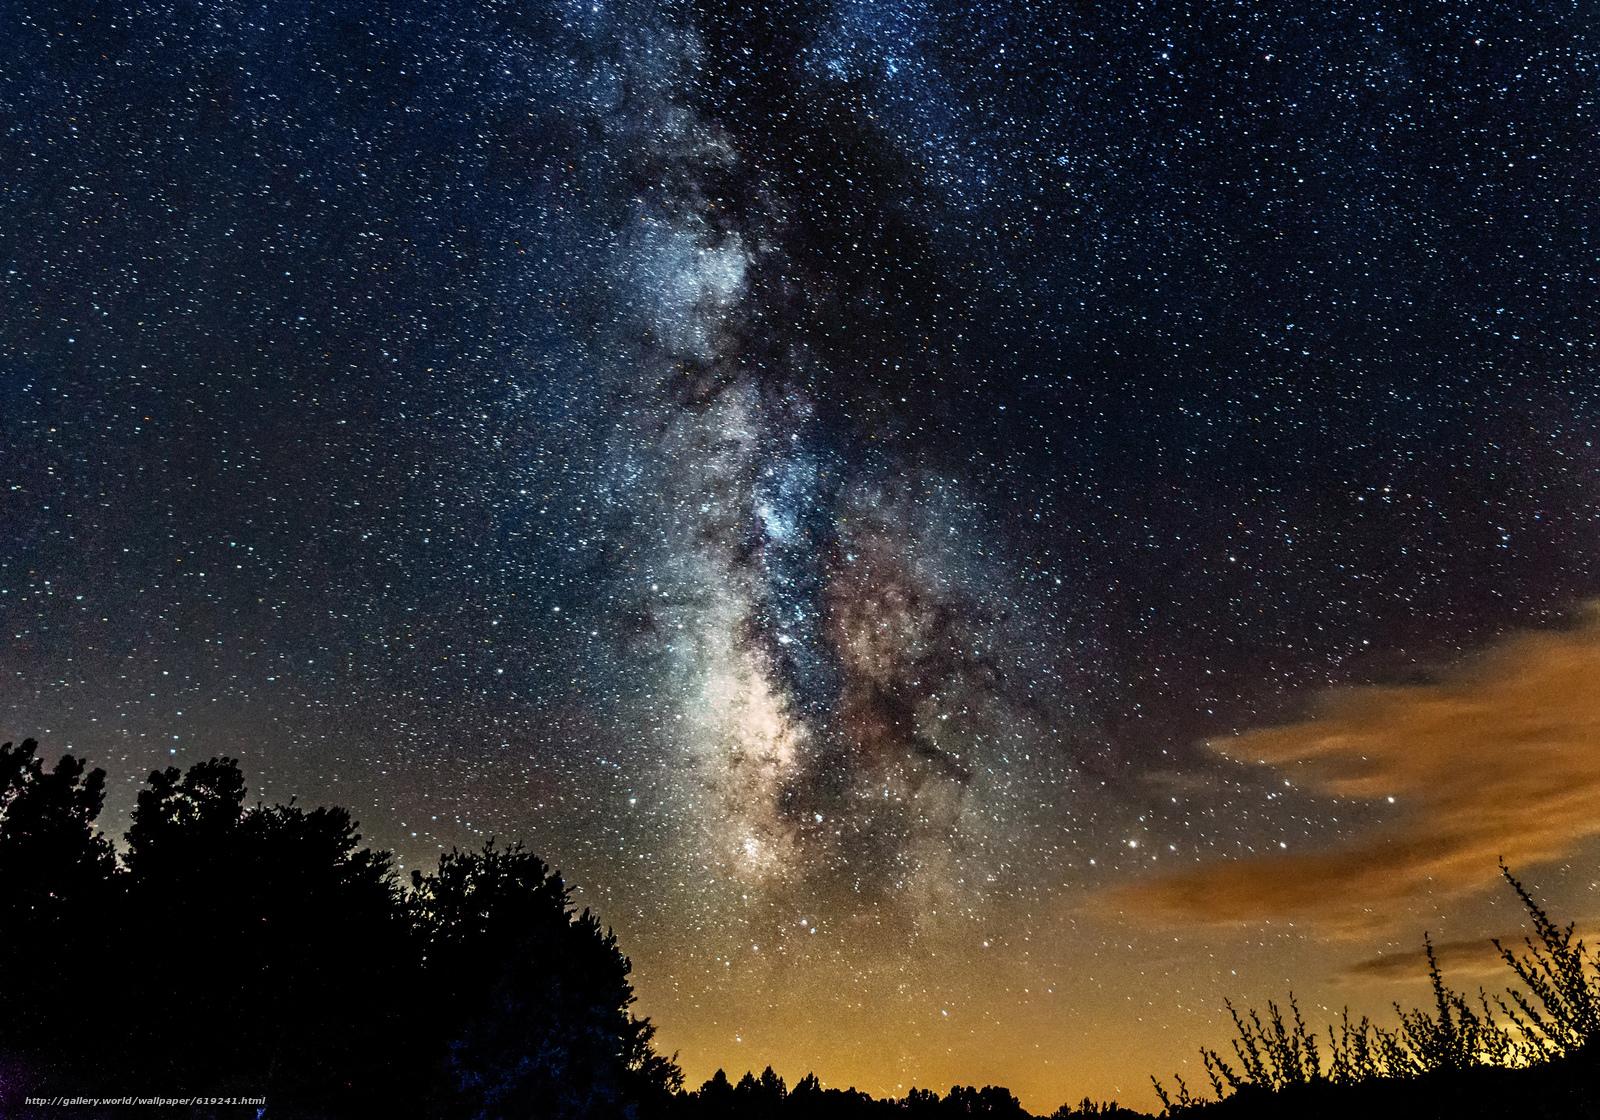 Tlcharger Fond Decran Ciel étoile Nuit Voie Lactée Fonds